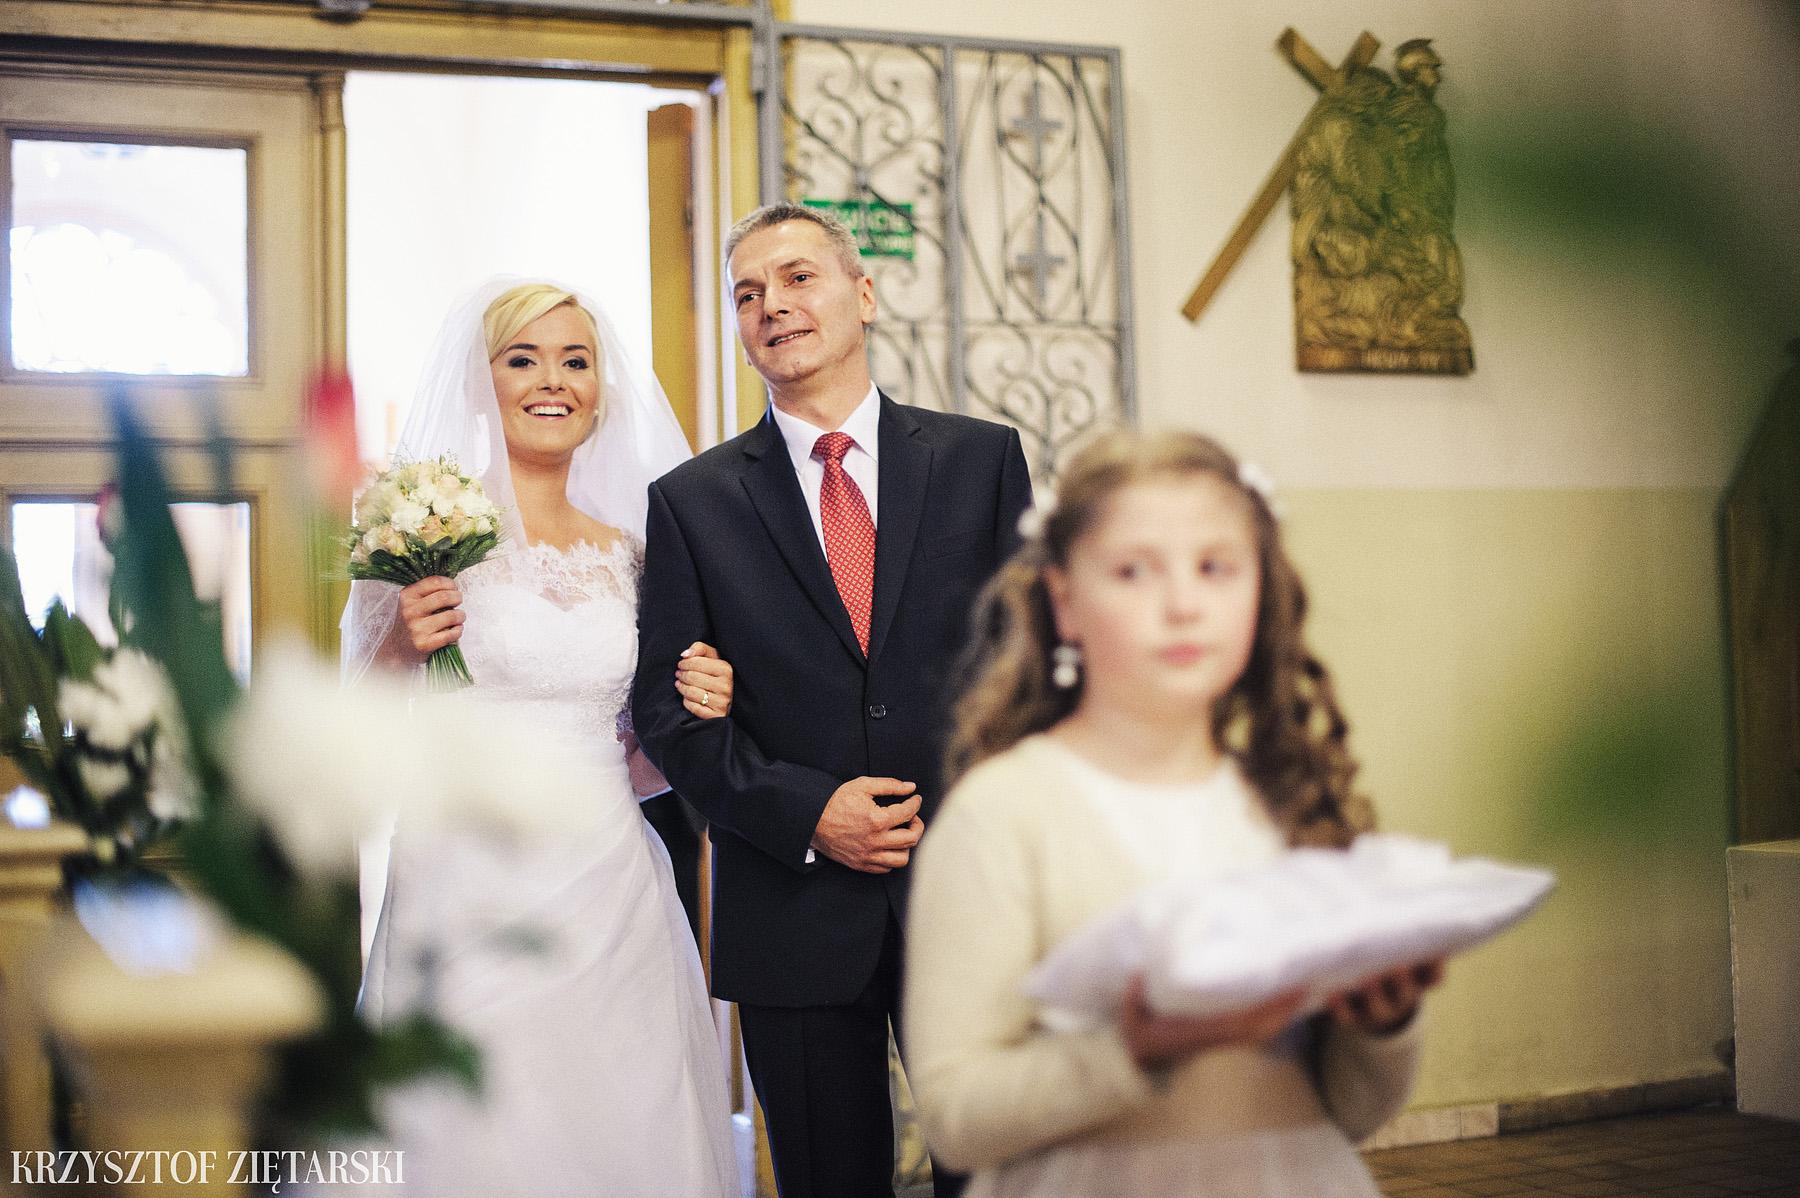 Agnieszka i Jacek - Fotografia ślubna Słupsk, kościół NSJ, wesele Gościniec Młyn Słupski, plener ślubny w Gdyni - 11.